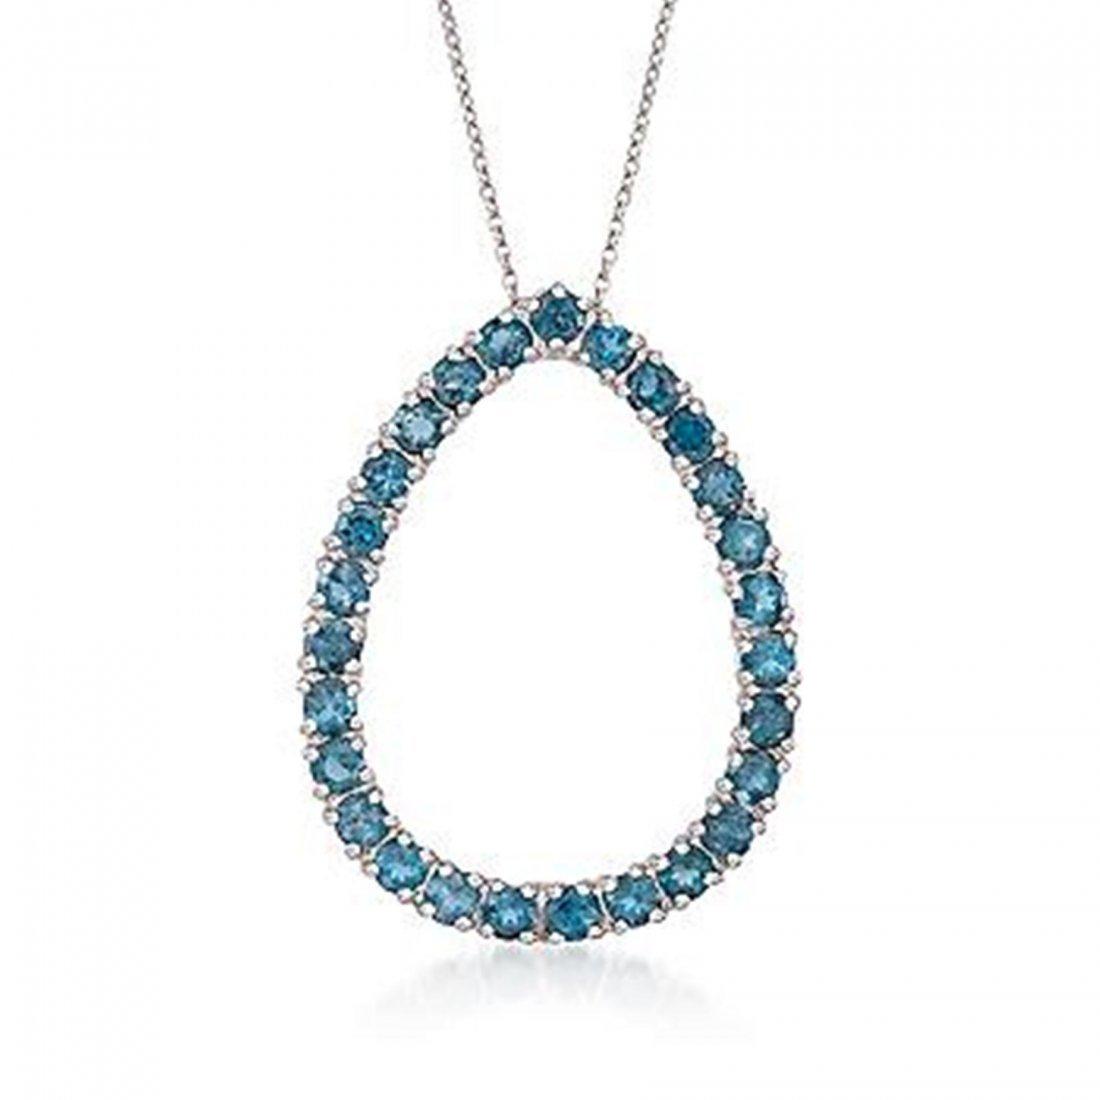 3.20 ct. t.w. London Blue Topaz Teardrop Necklace in